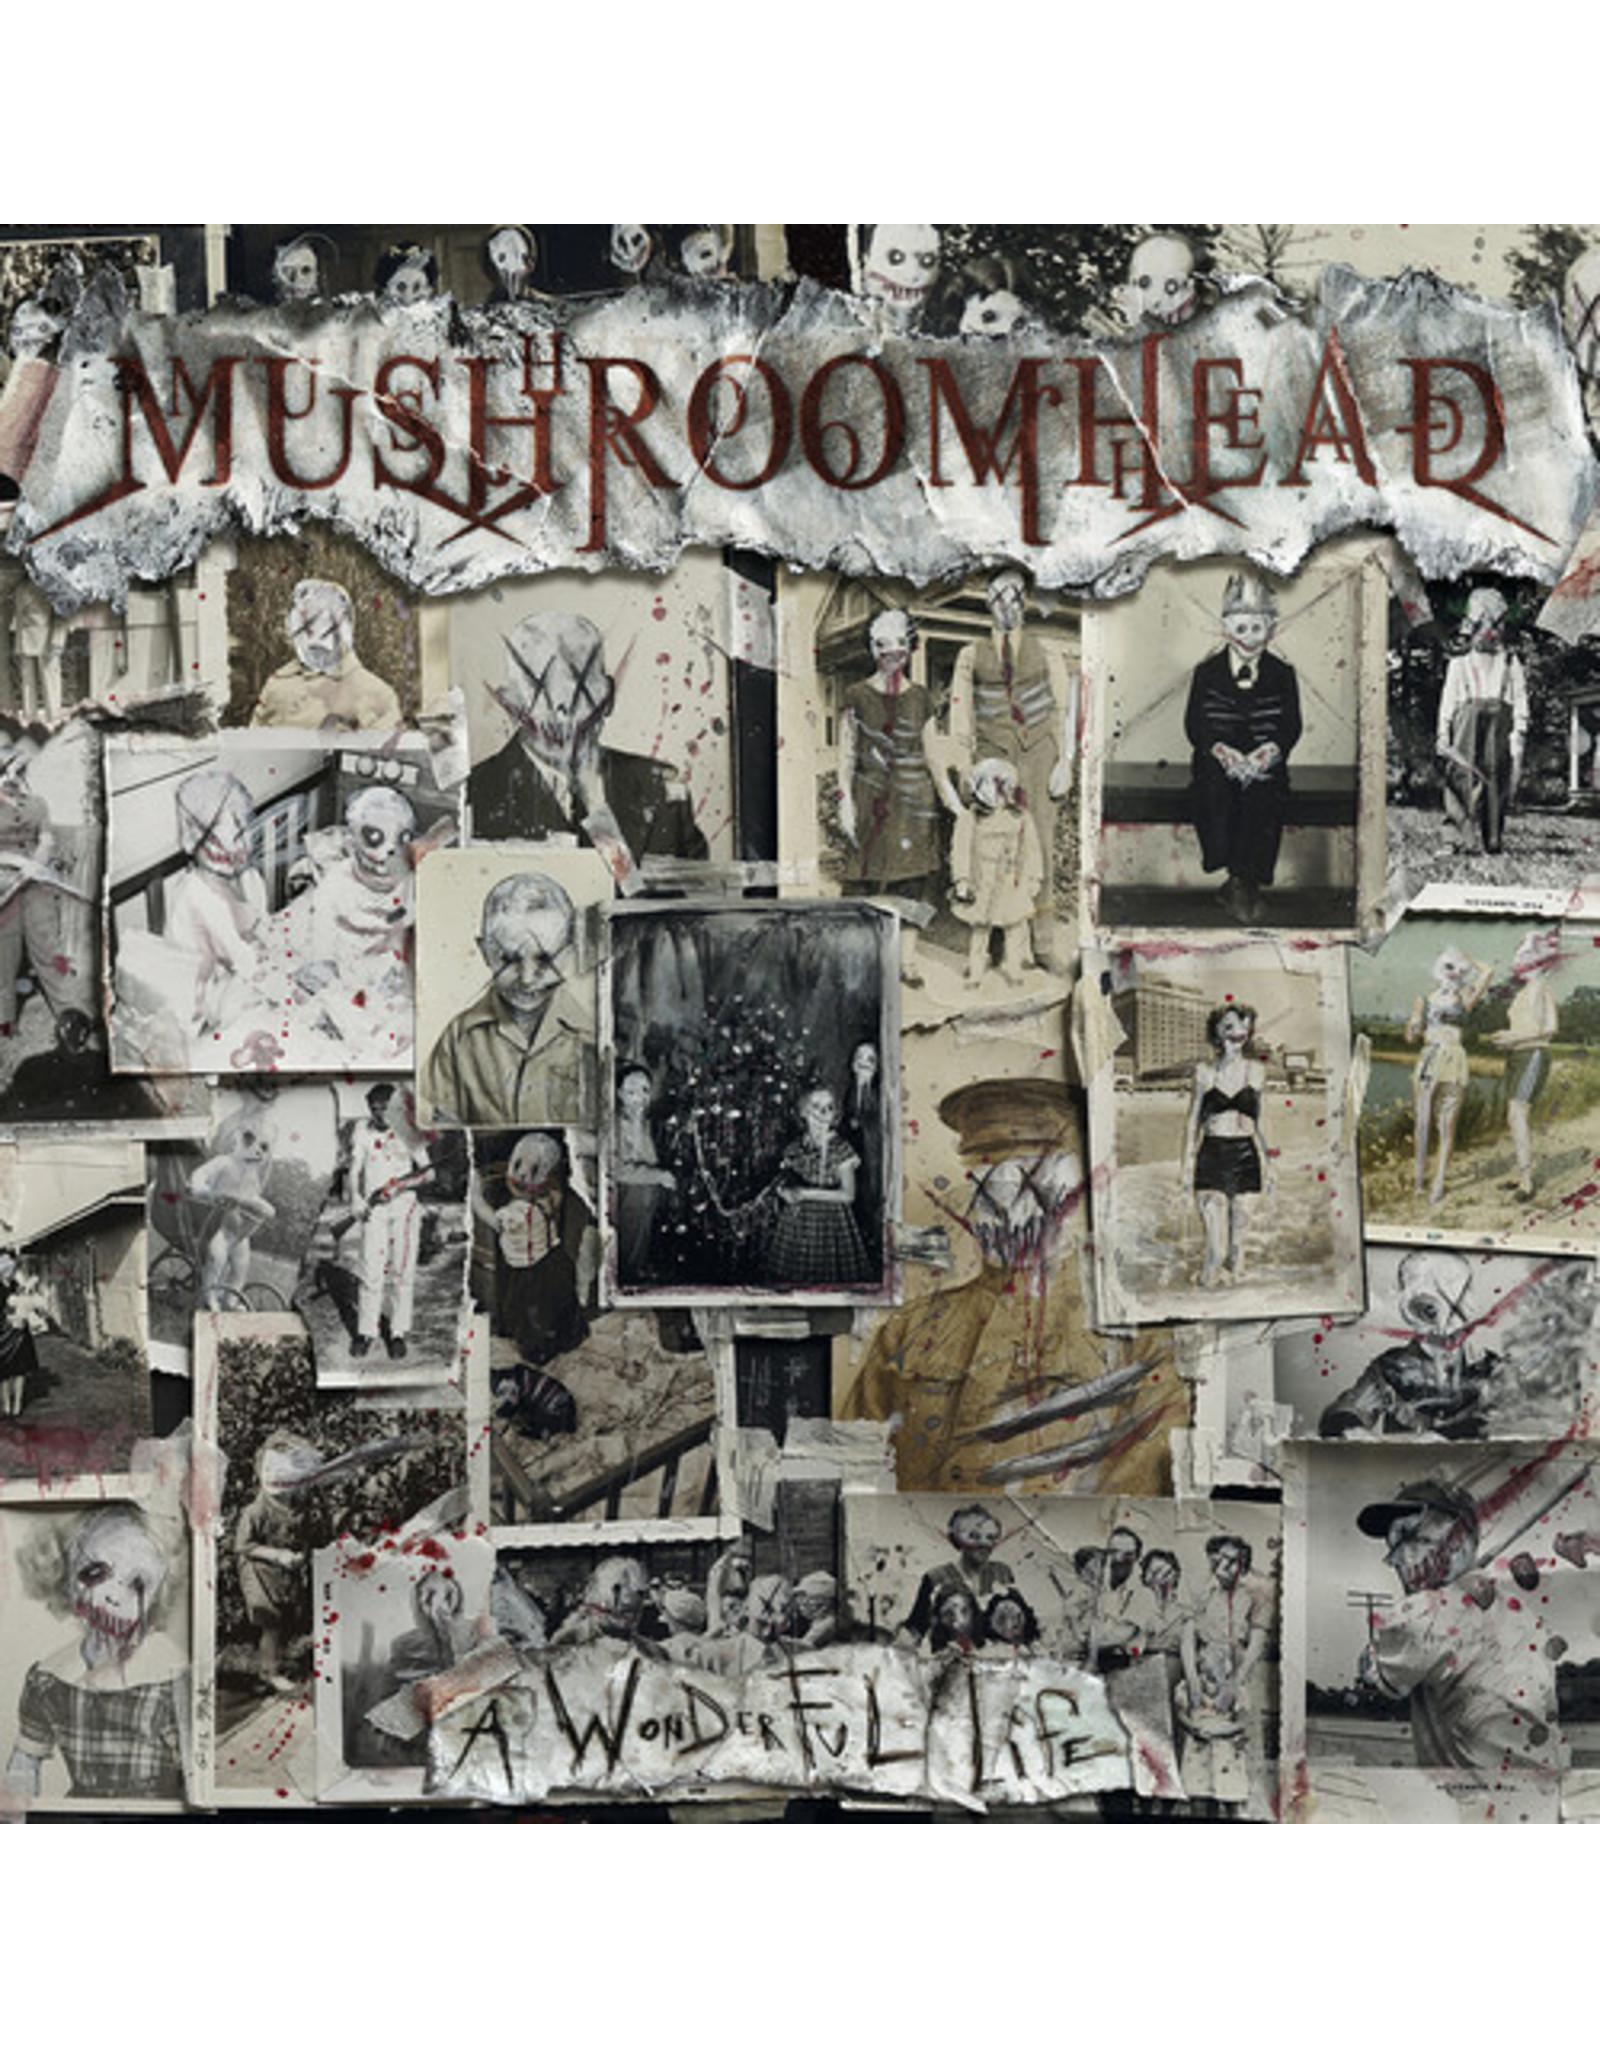 New Vinyl Mushroomhead - A Wonderful Life 2LP